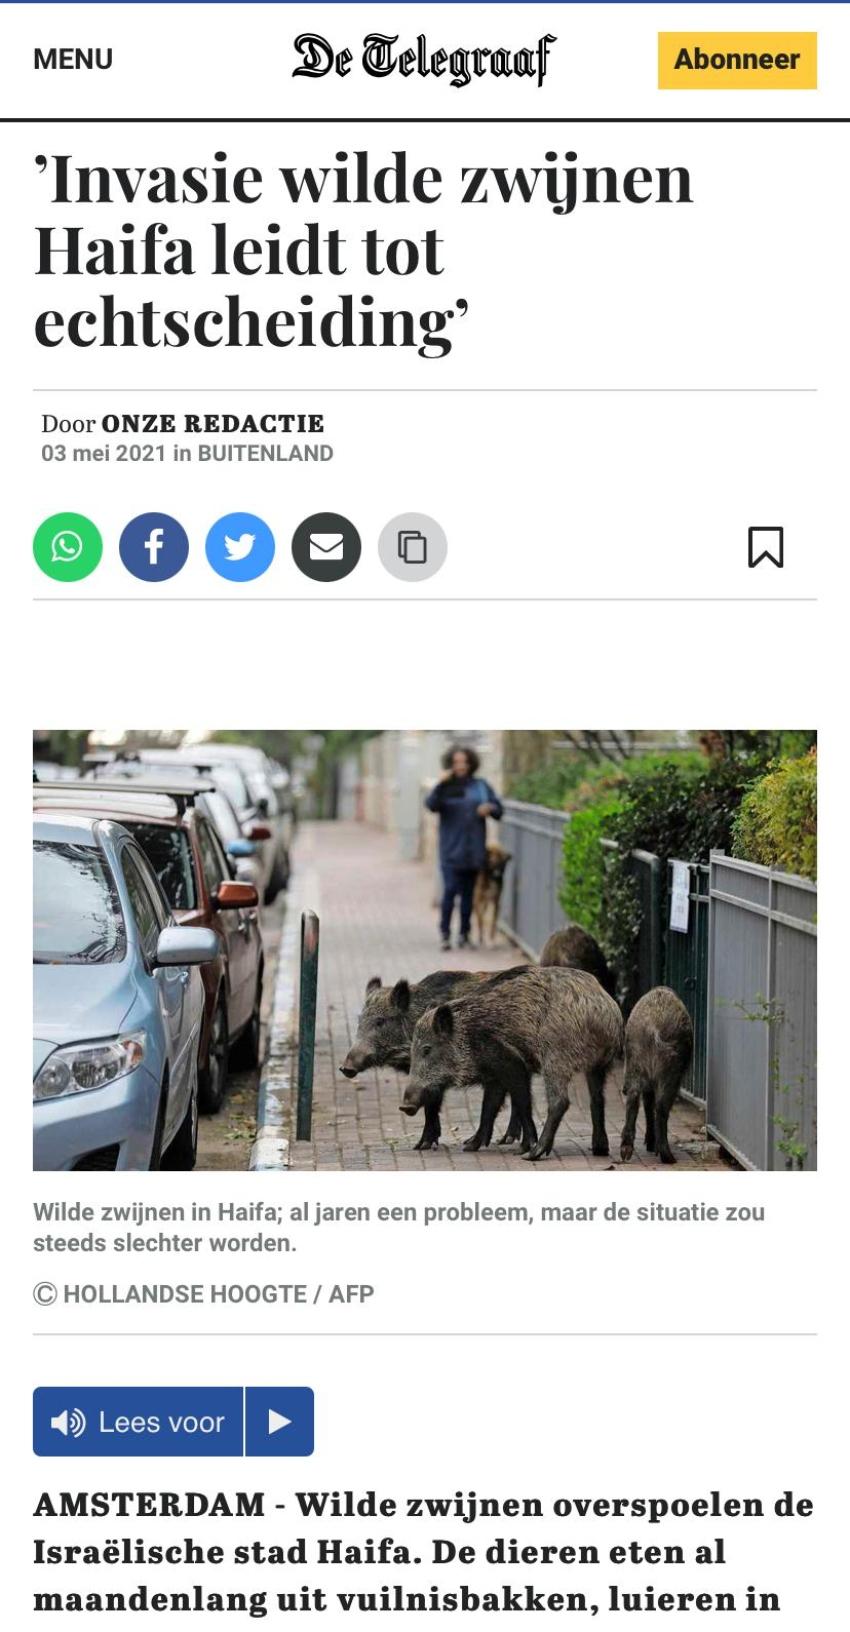 """""""פלישת חזירי הבר בחיפה מובילה לגירושים"""". כותרת ב""""דה טלגרף"""" ההולנדי"""